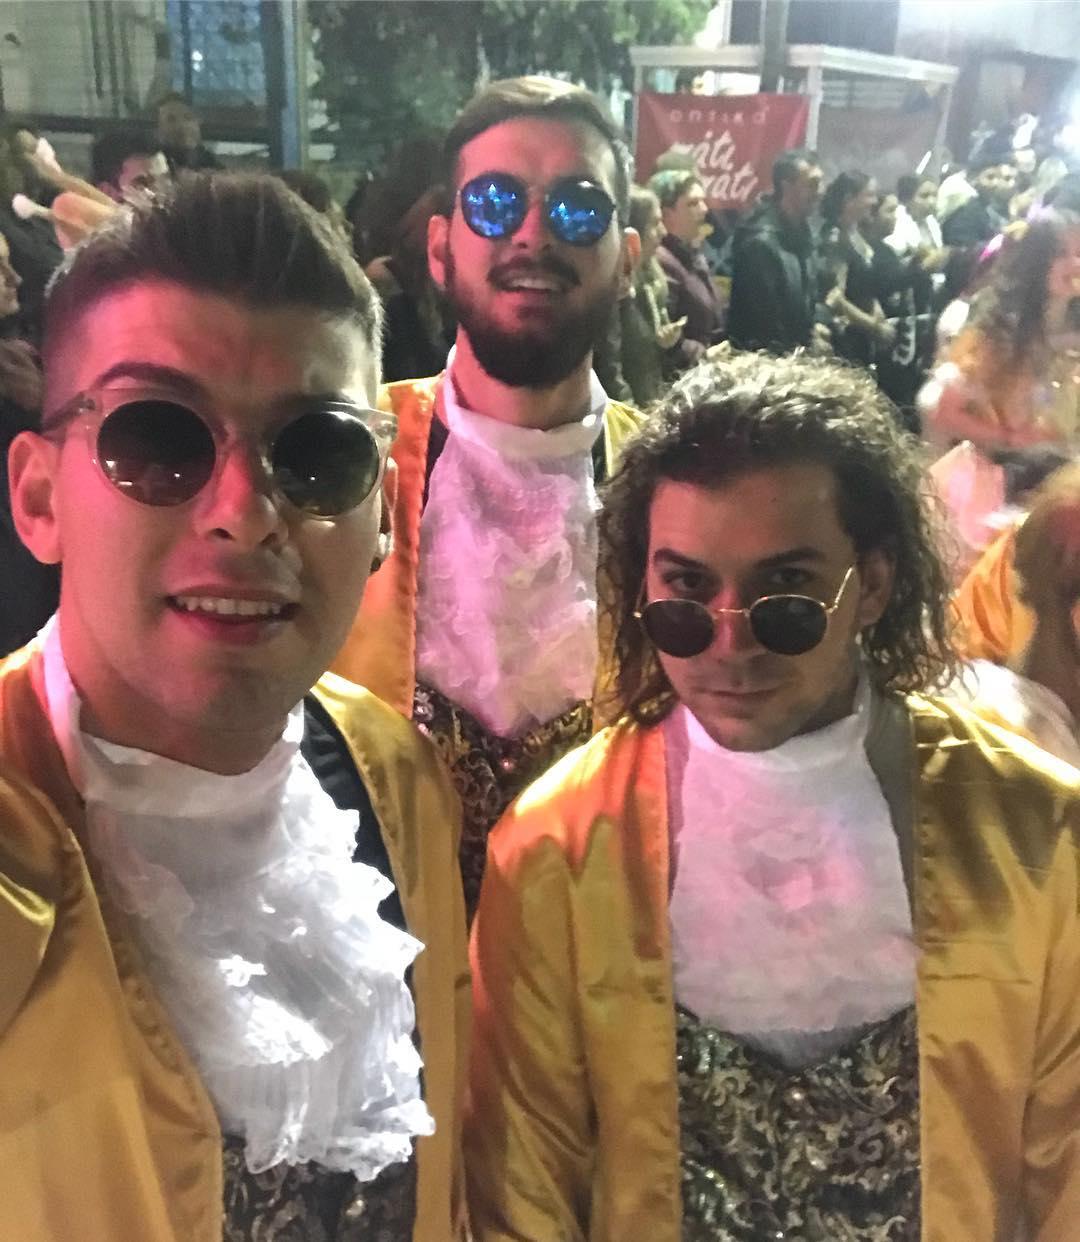 27877785 176102676448882 4721777639520468992 n - Όλα όσα έγιναν στο καρναβάλι του Τυρνάβου μέσα από το Instagram!